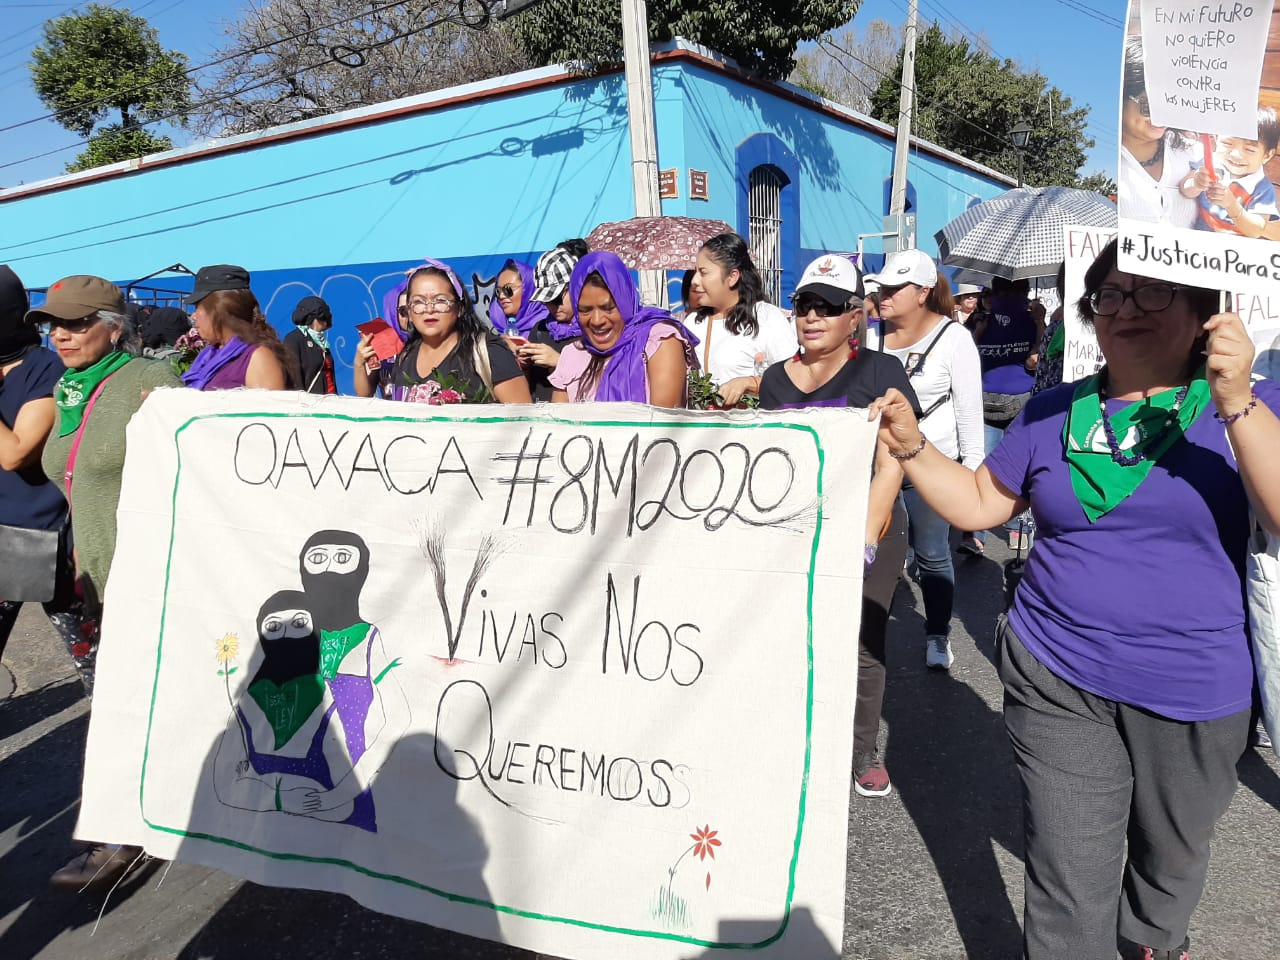 Galería fotográfica del día internacional de la mujer en Oaxaca